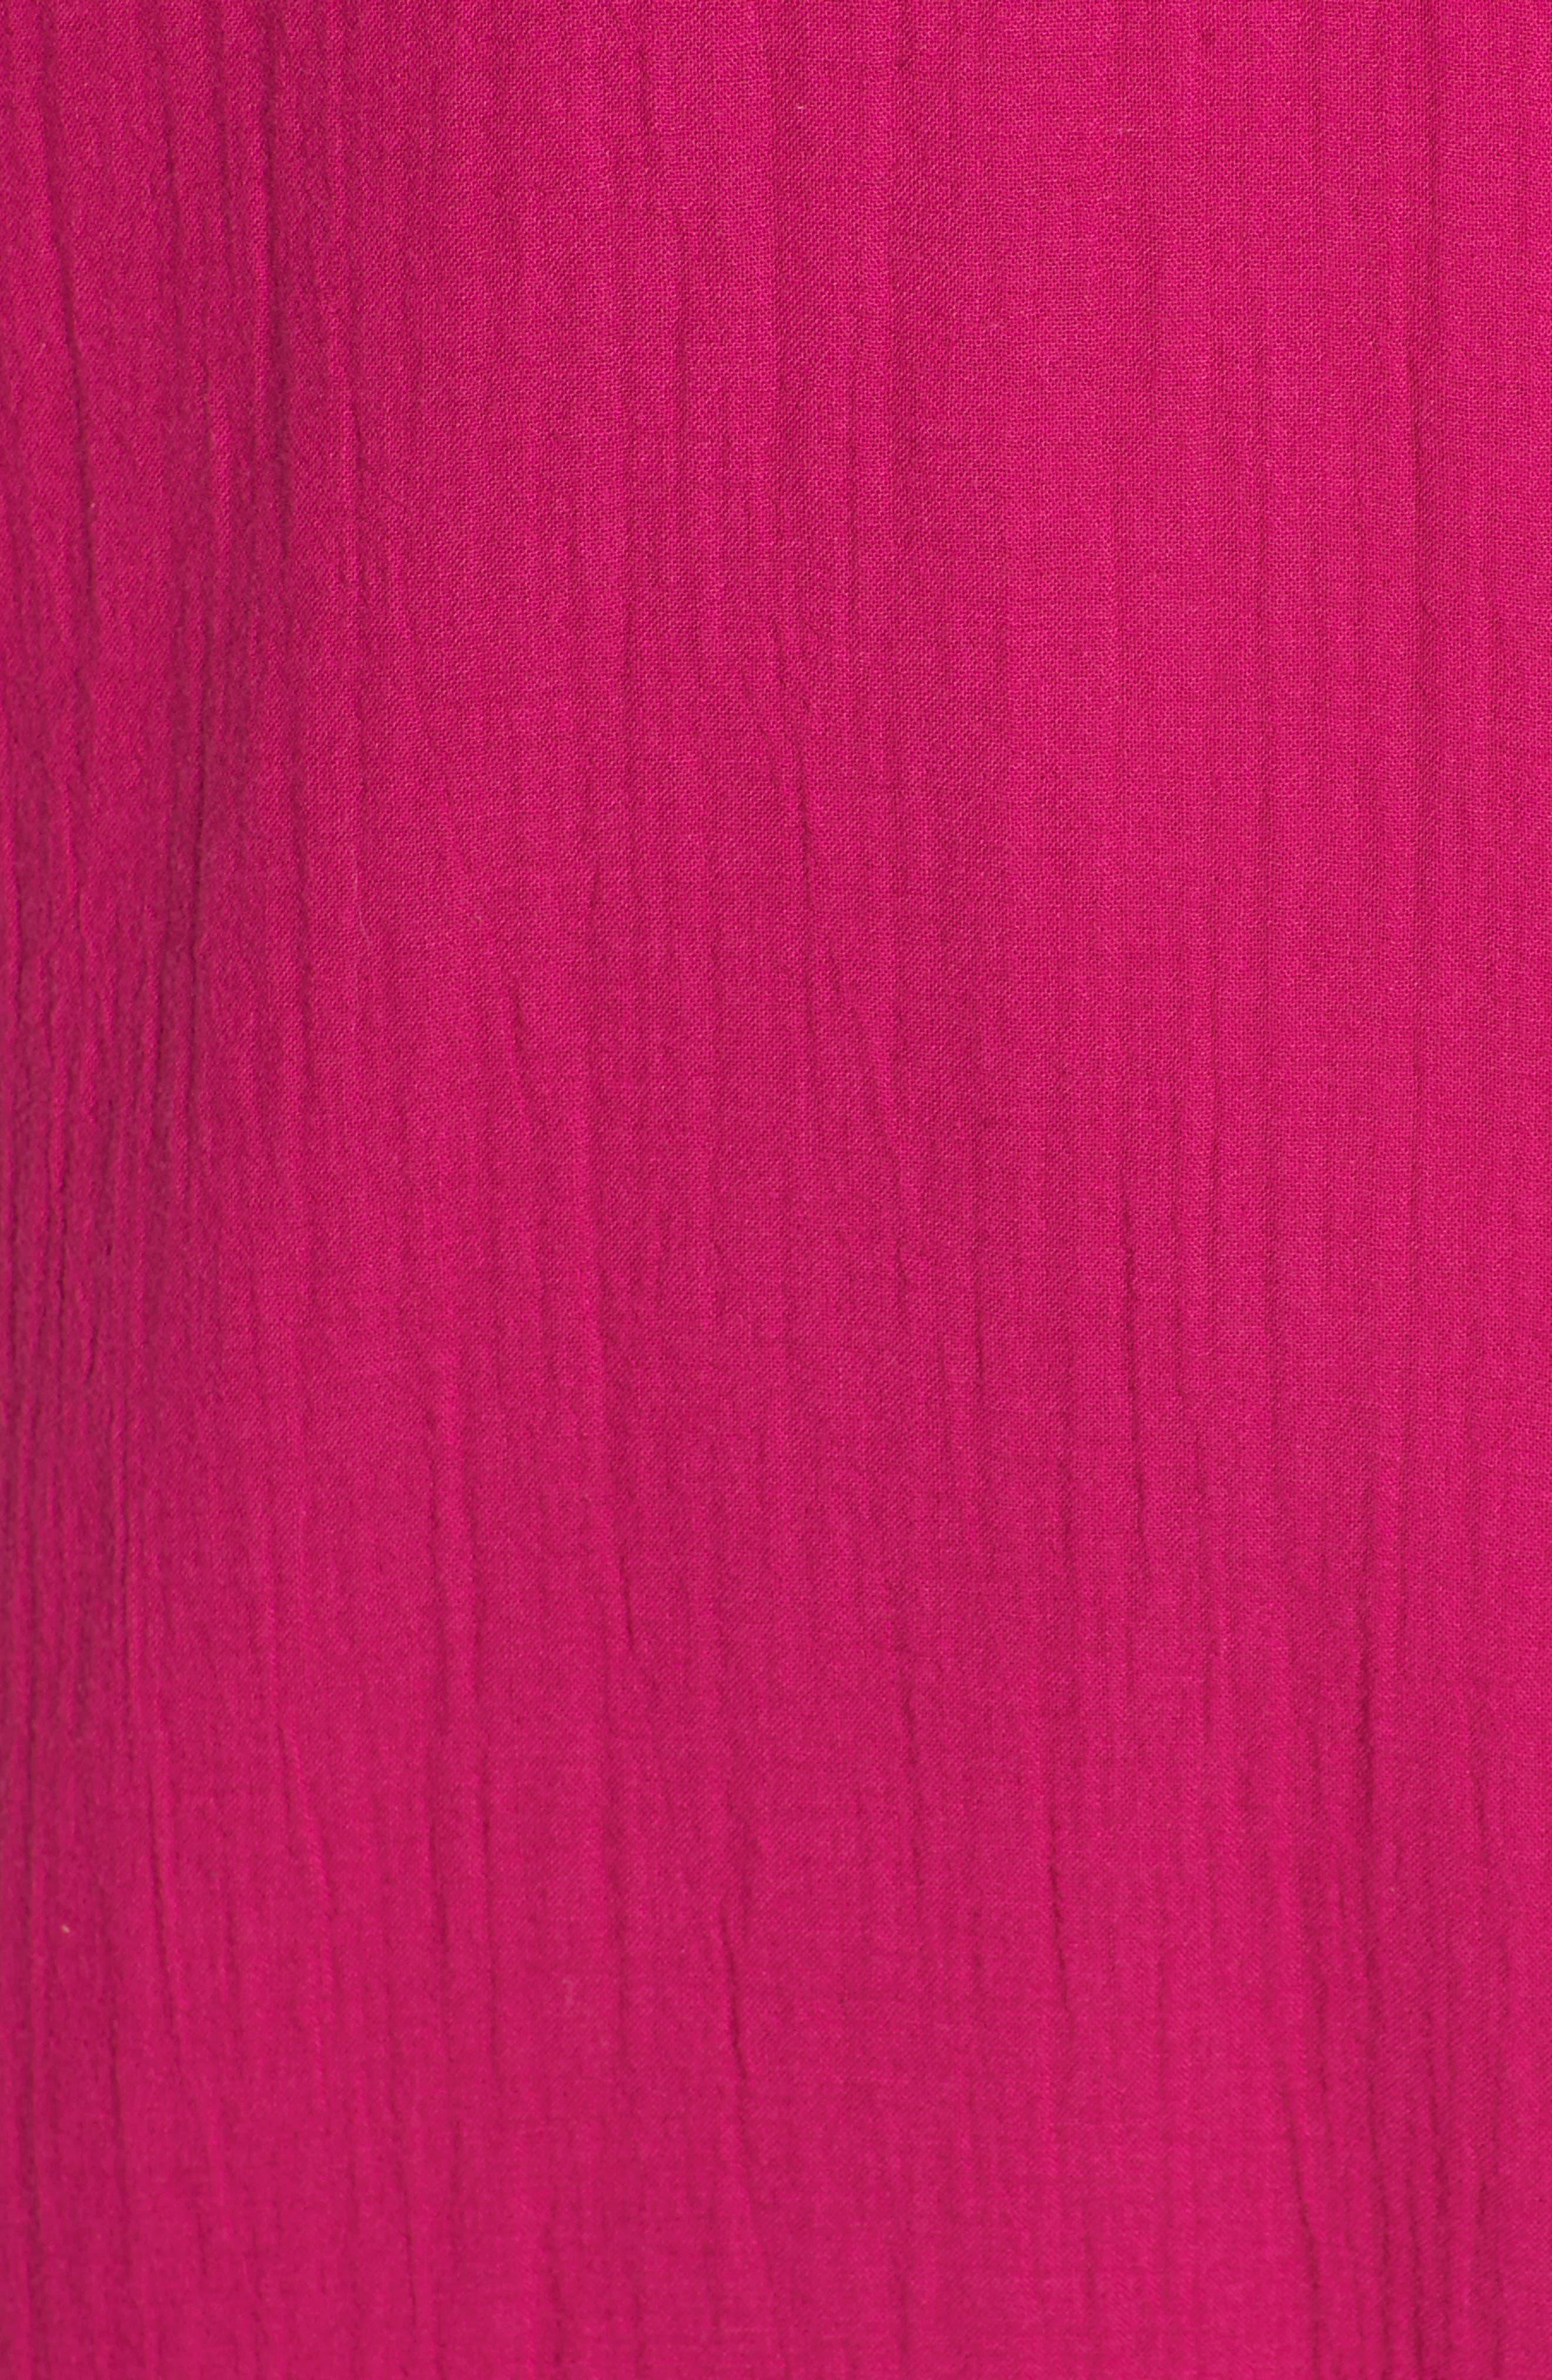 V-Neck Cotton Midi Dress,                             Alternate thumbnail 5, color,                             Cerise